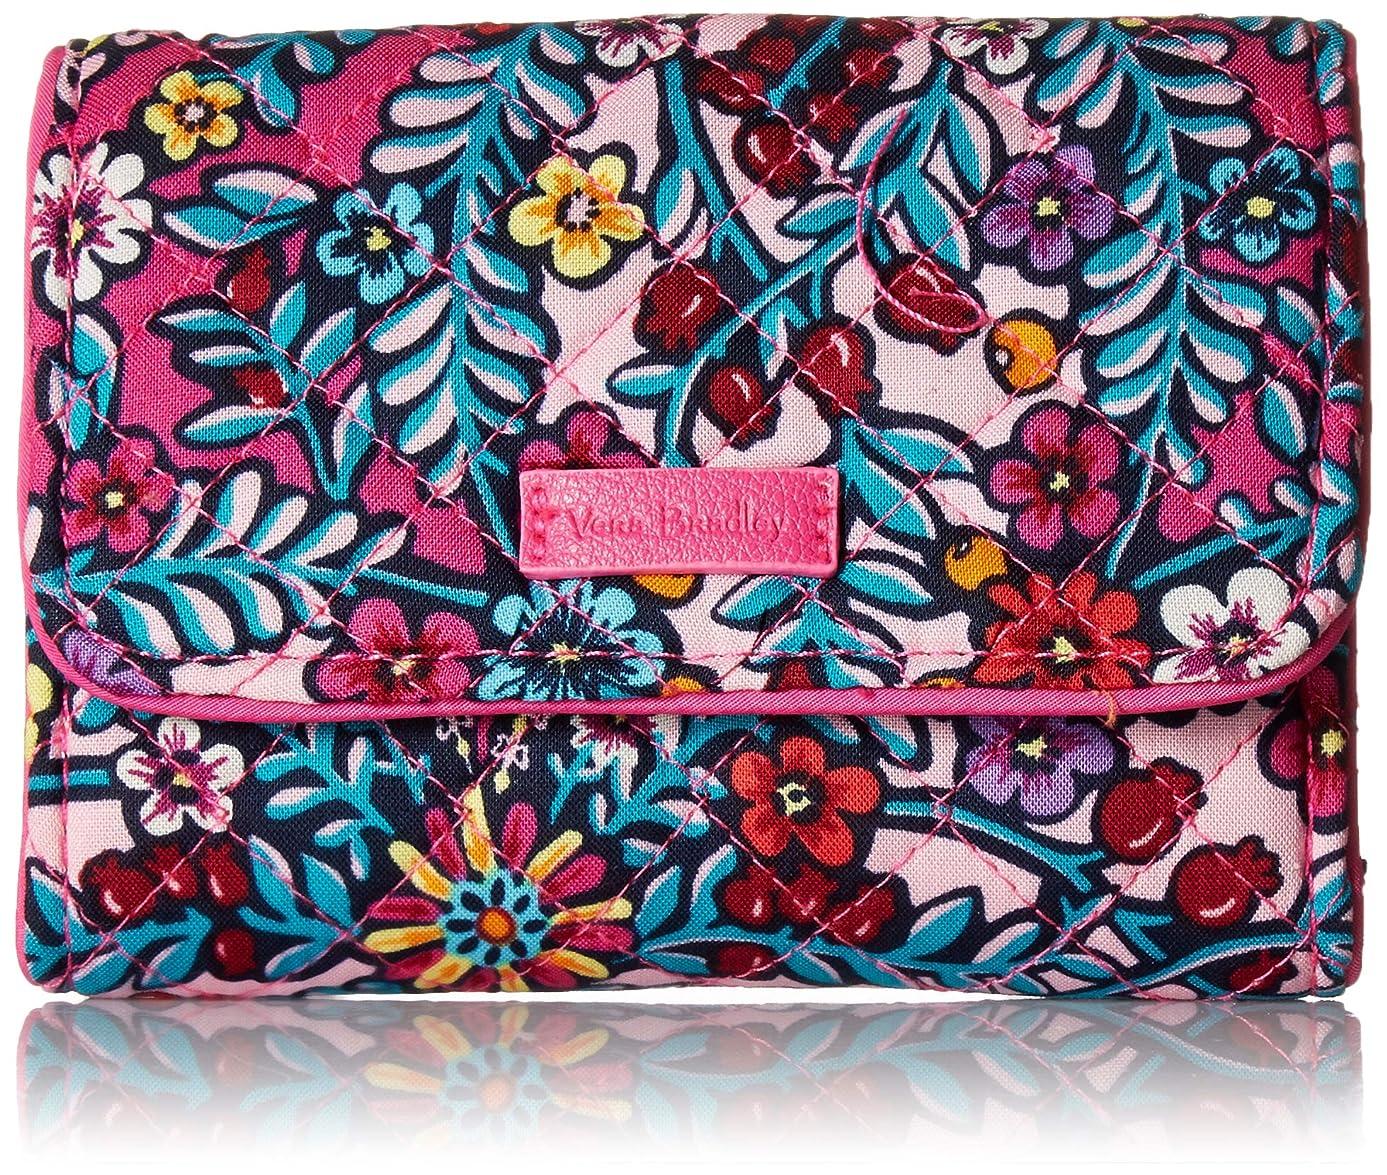 コスト費やす統合Vera Bradley レディース Iconic RFID Riley Compact Wallet, Signature Cotton